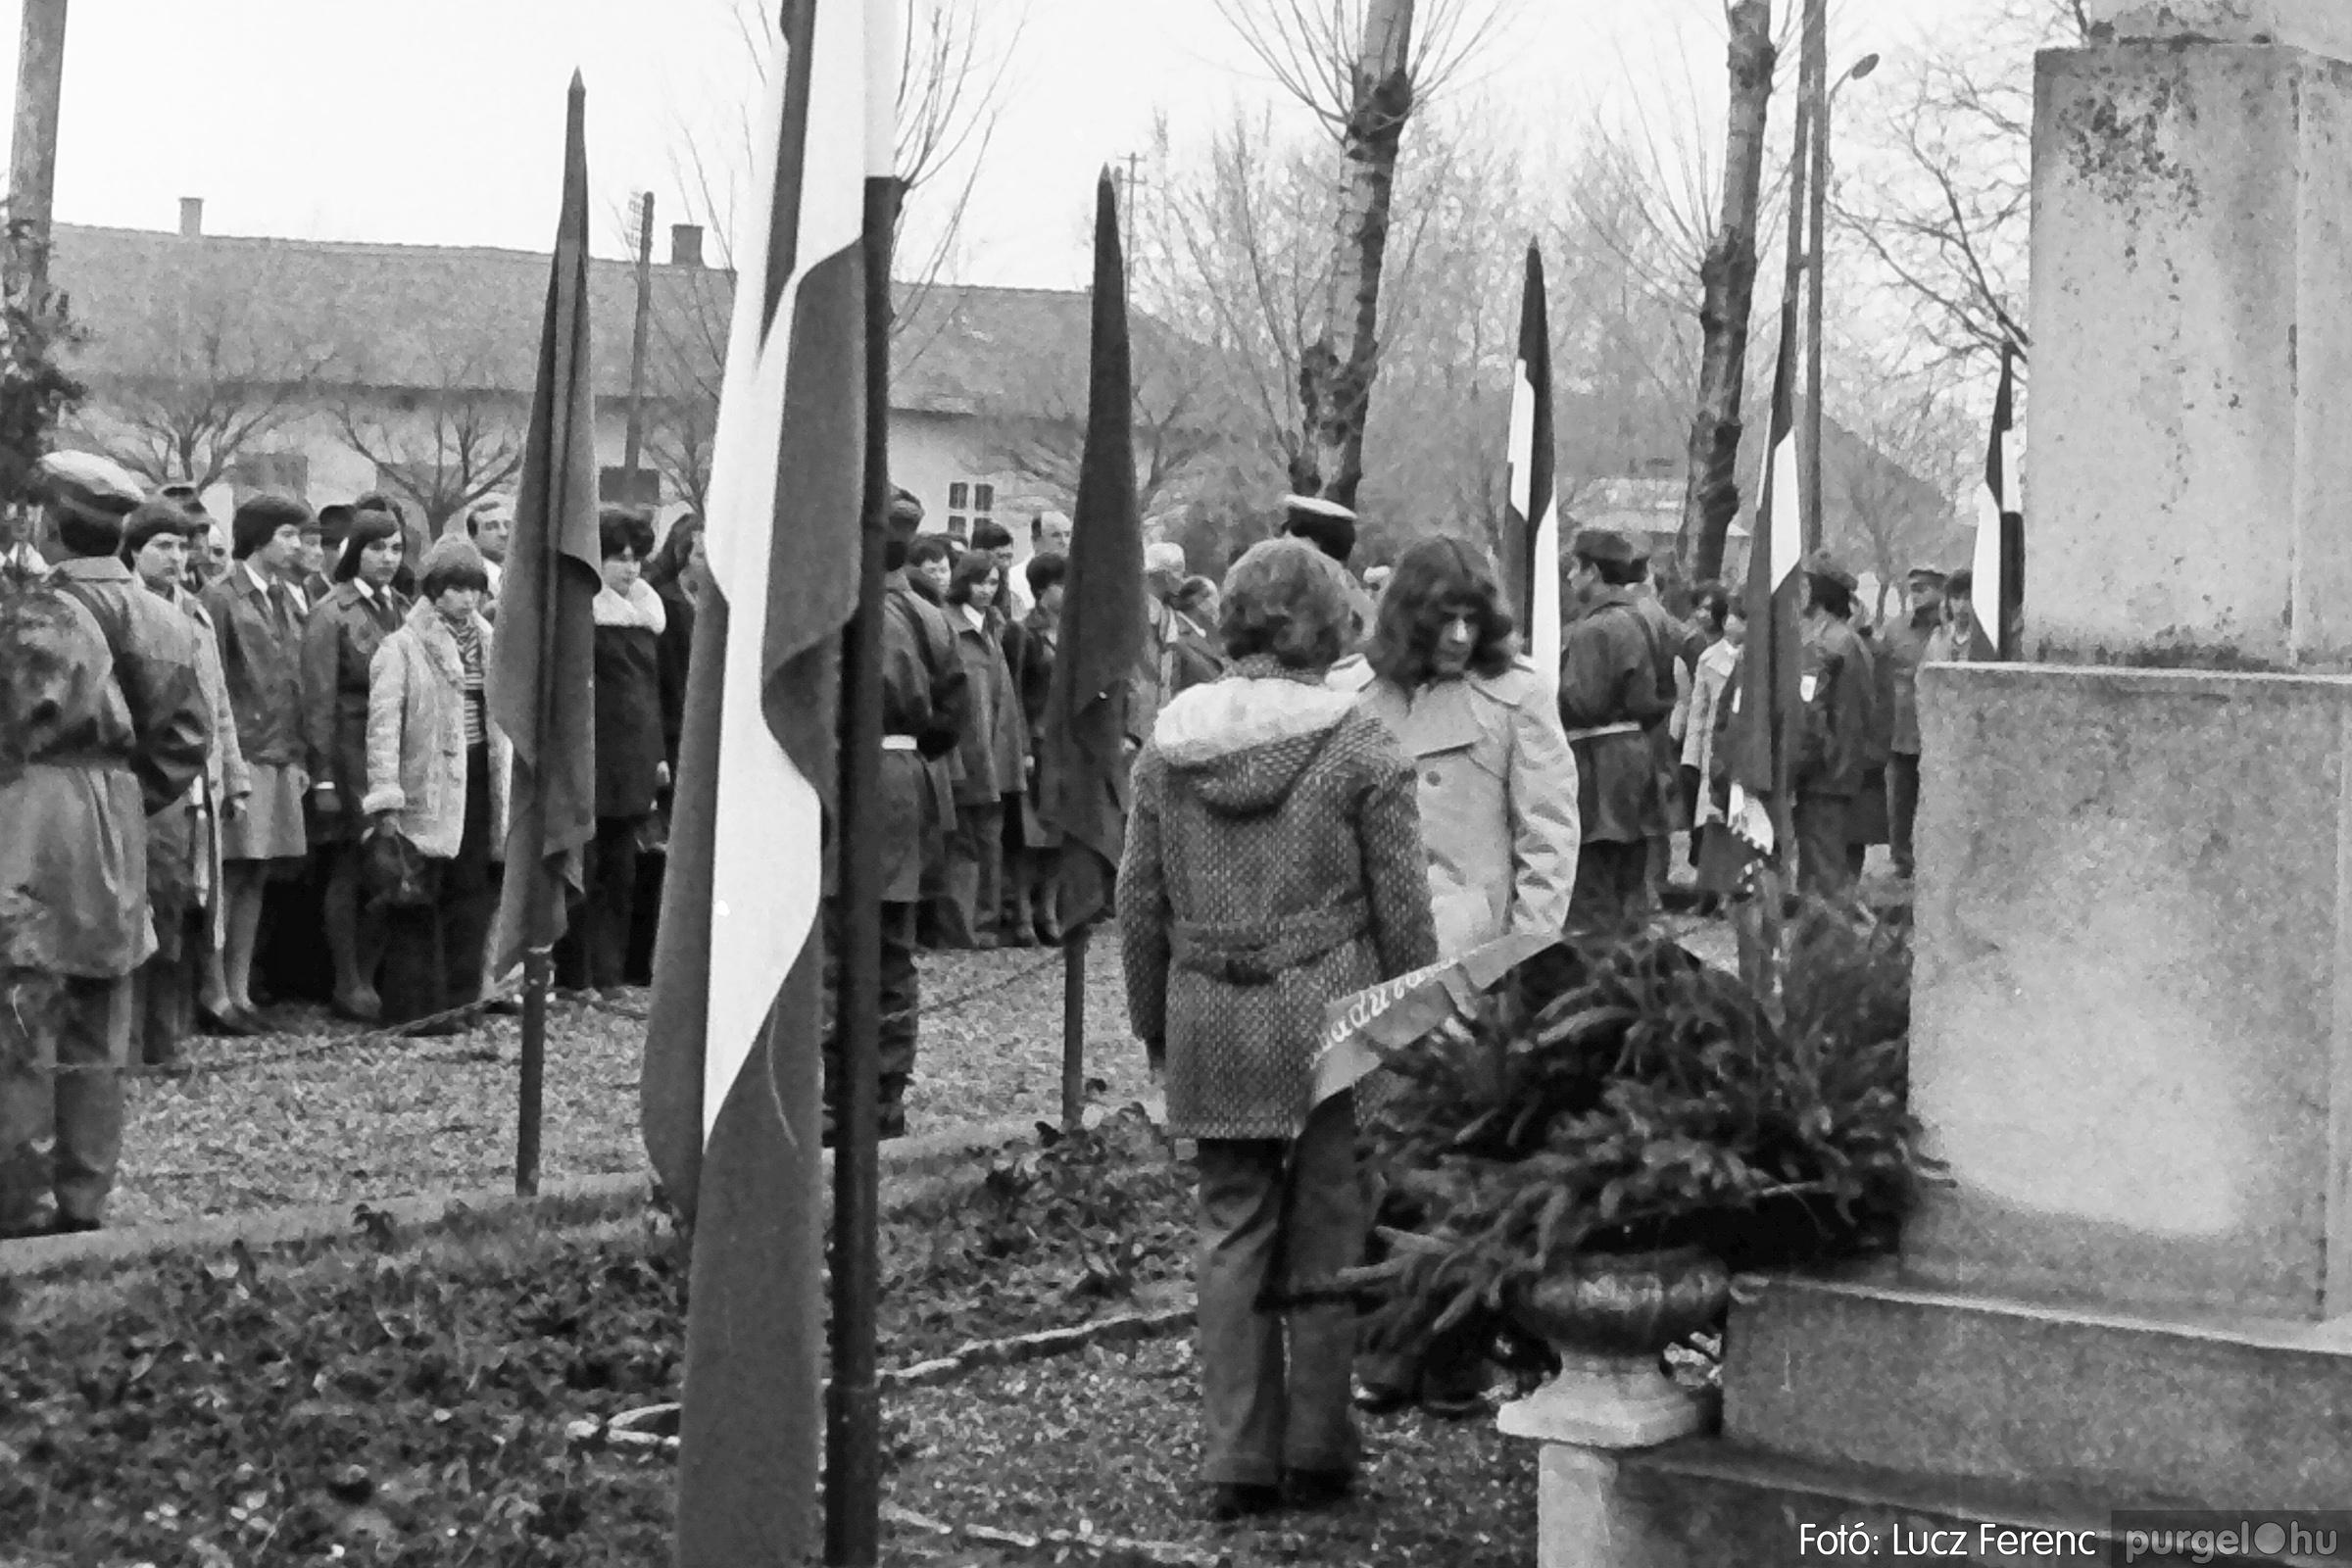 078. 1977.04.04. Április 4-i ünnepség 014. - Fotó: Lucz Ferenc.jpg